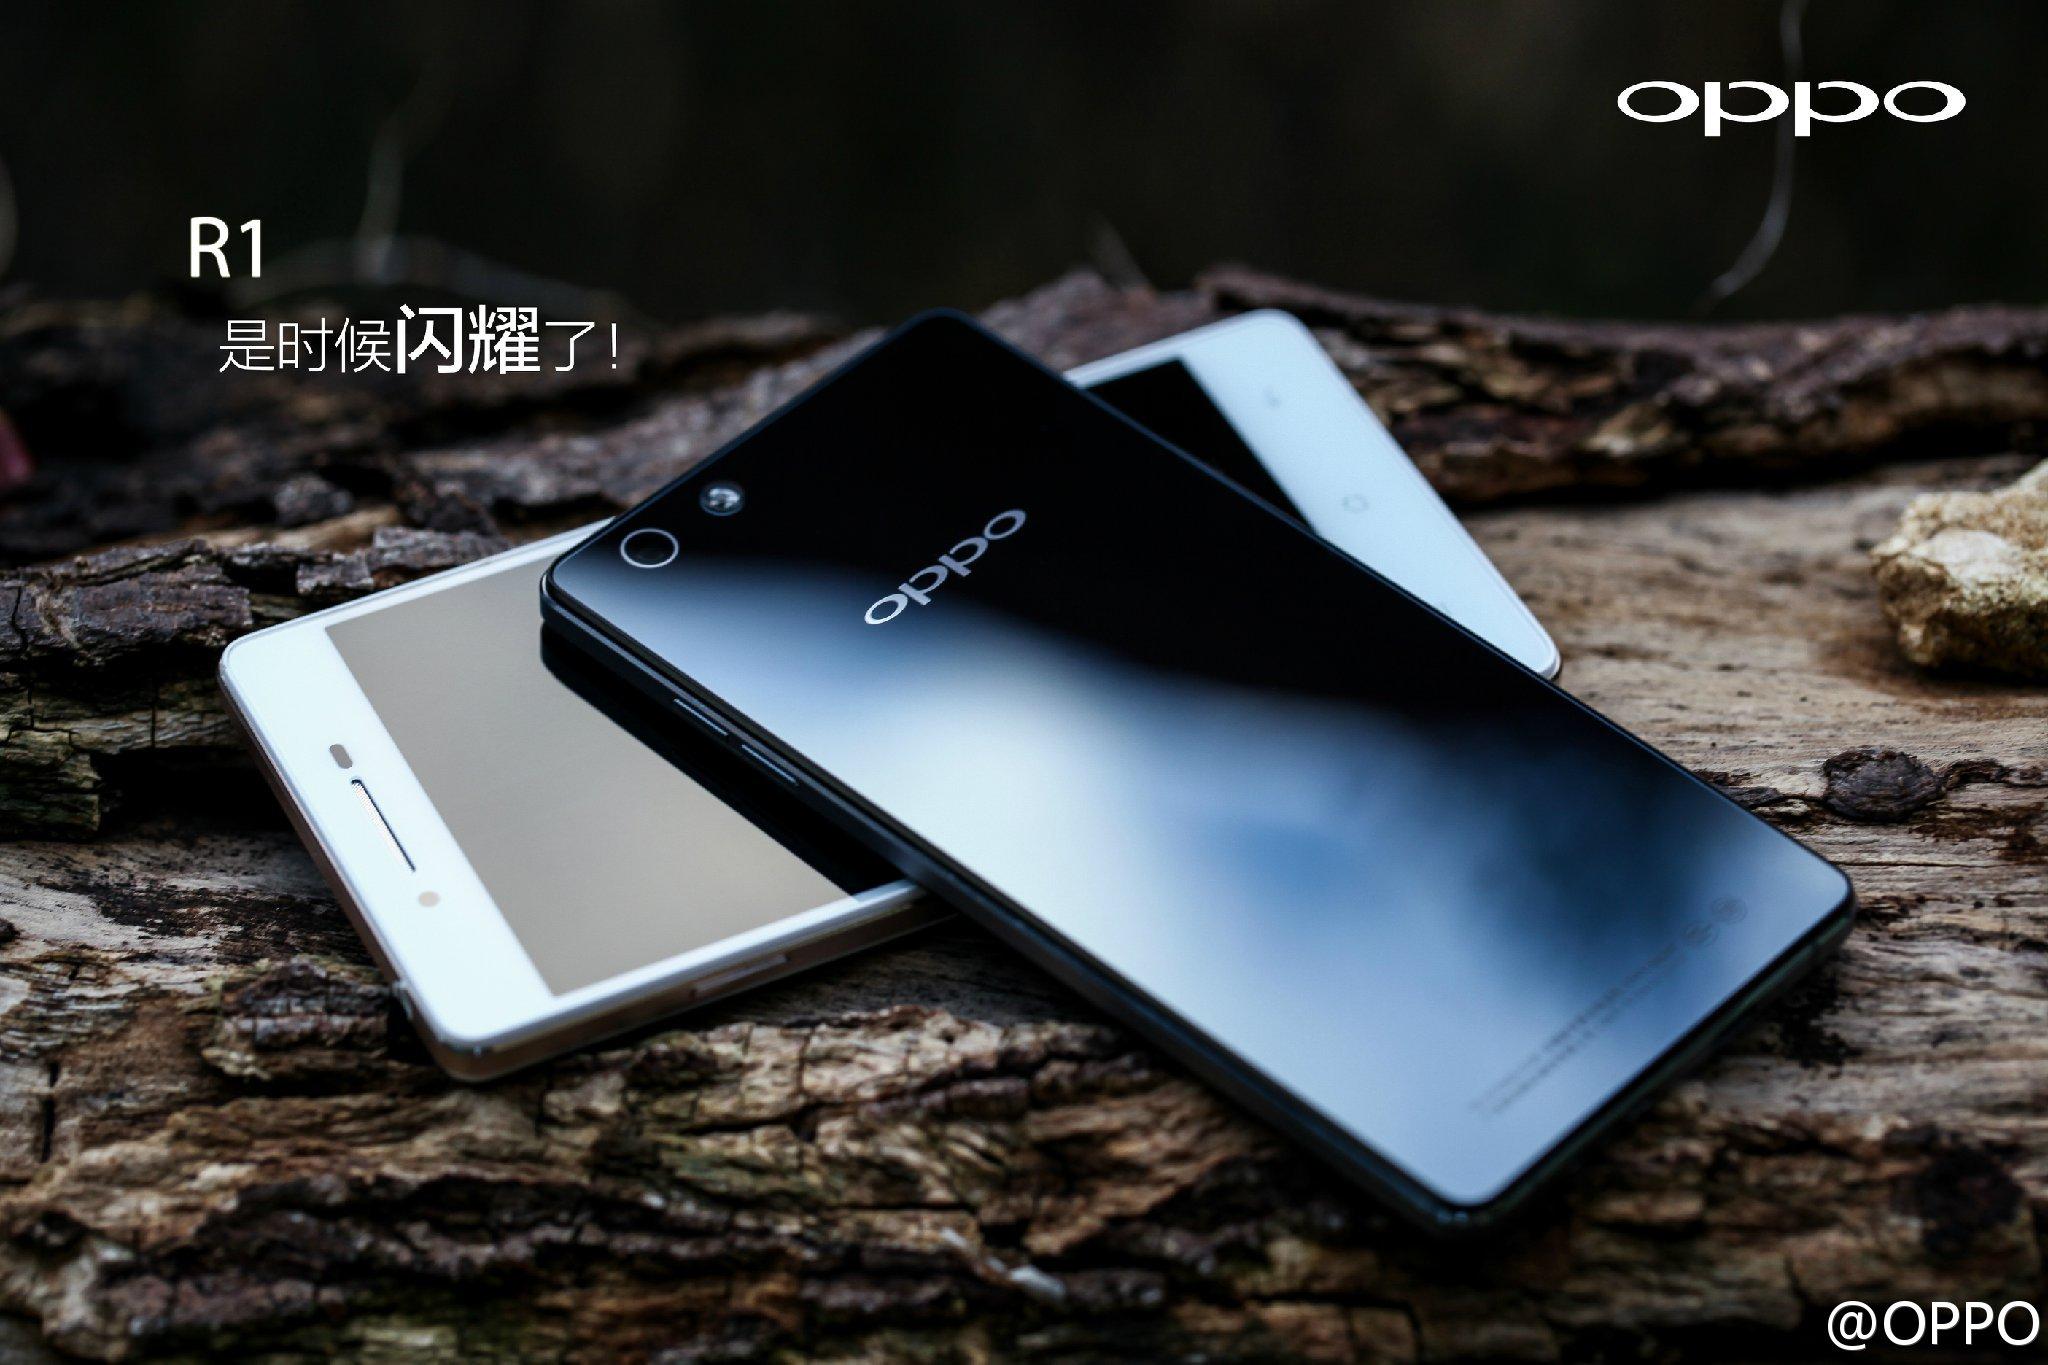 Trung Quốc và tham vọng thống trị thị trường smartphone Việt Nam 6